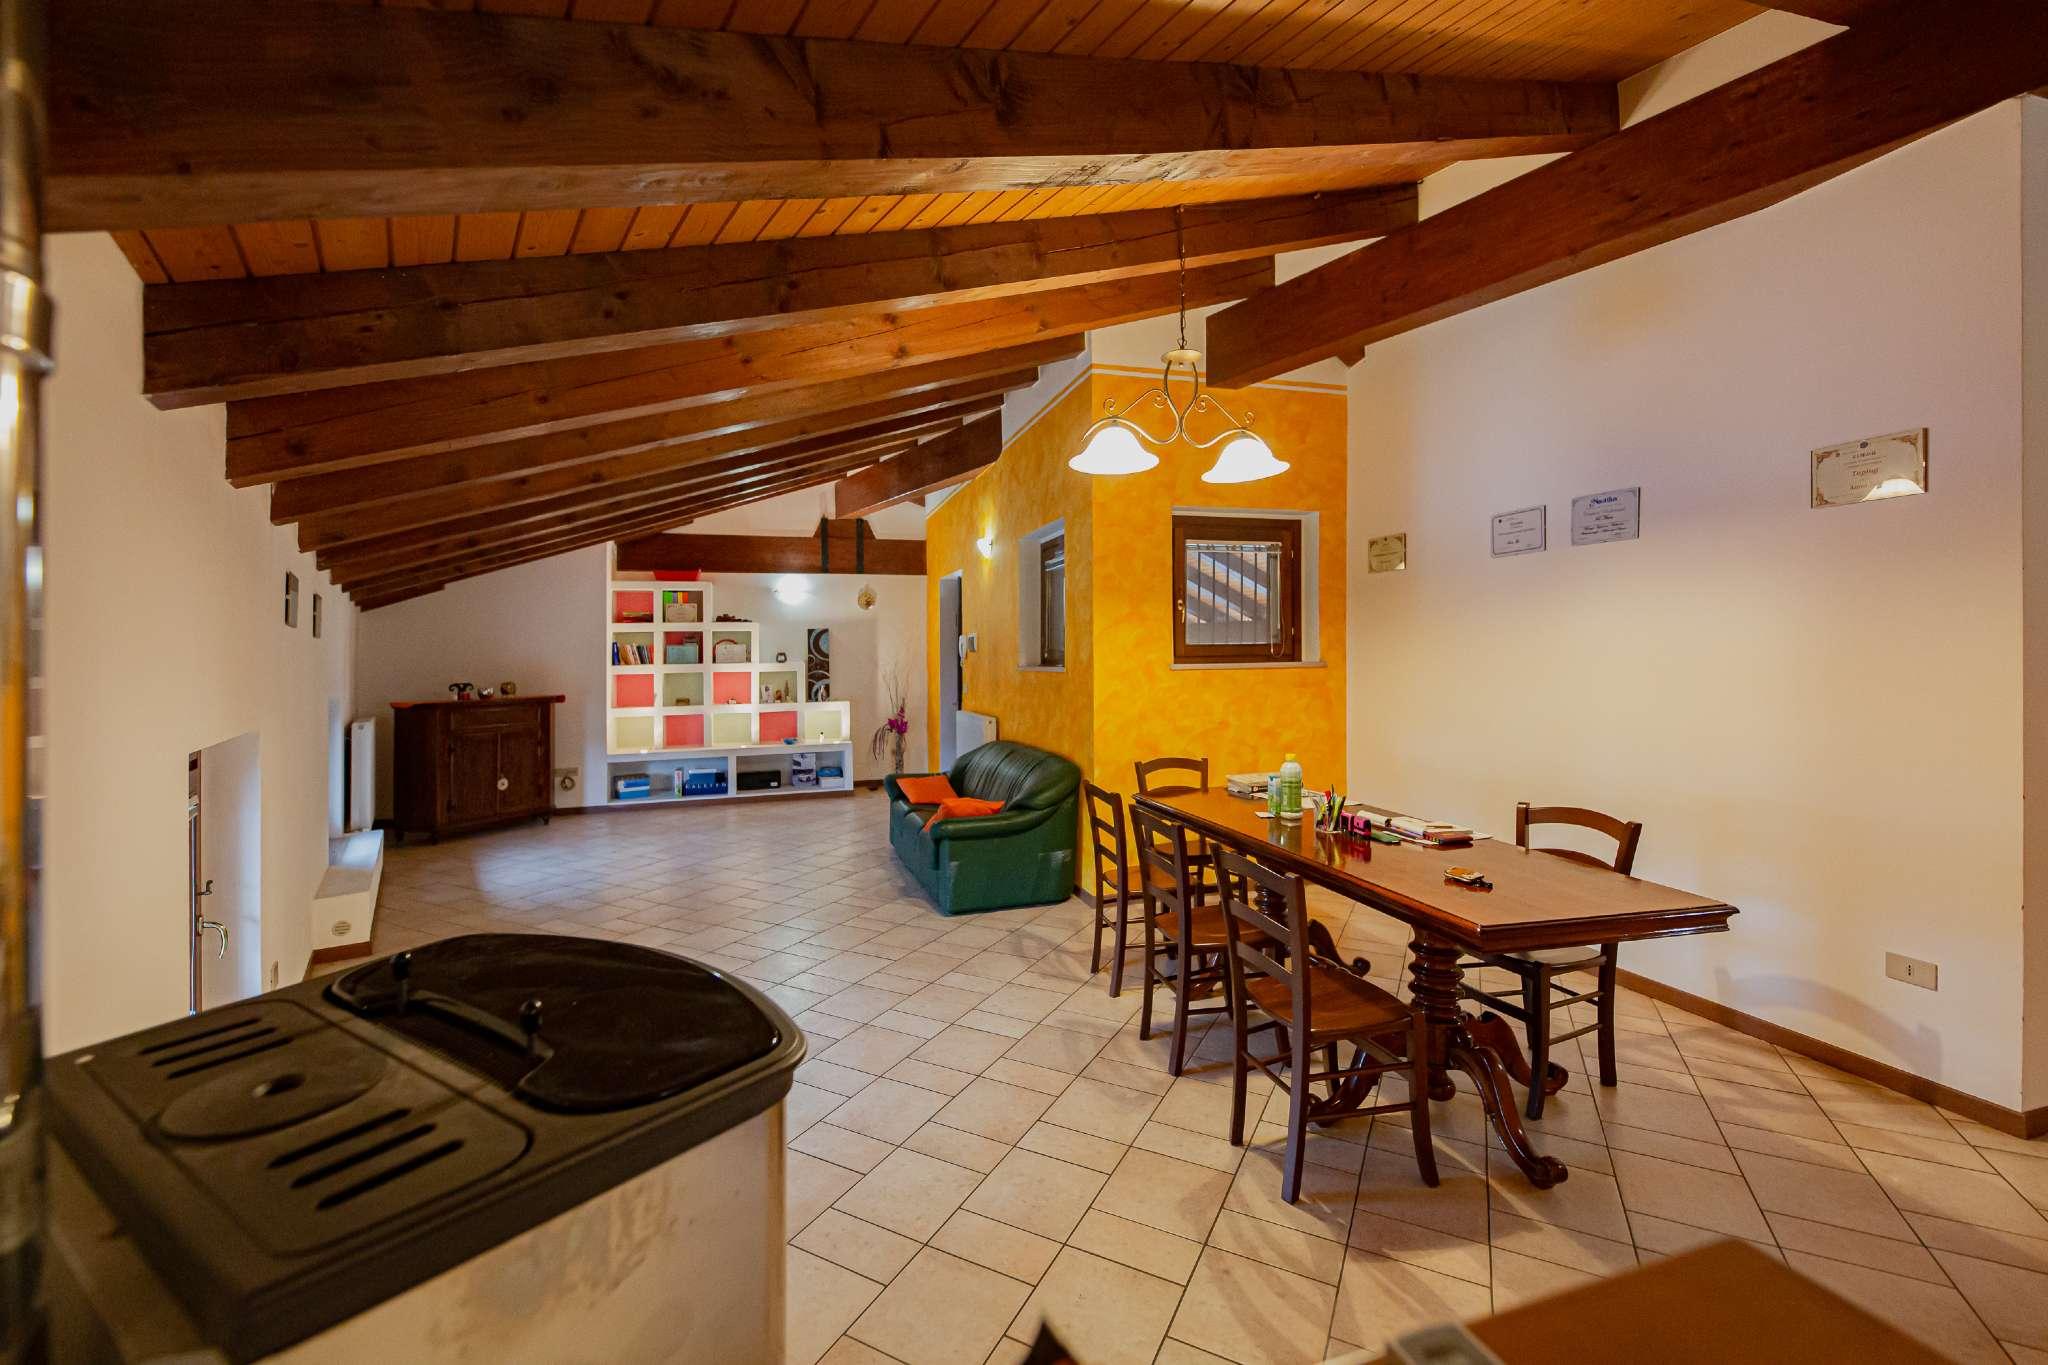 Appartamento in vendita a Santa Maria La Longa, 6 locali, prezzo € 113.000 | PortaleAgenzieImmobiliari.it